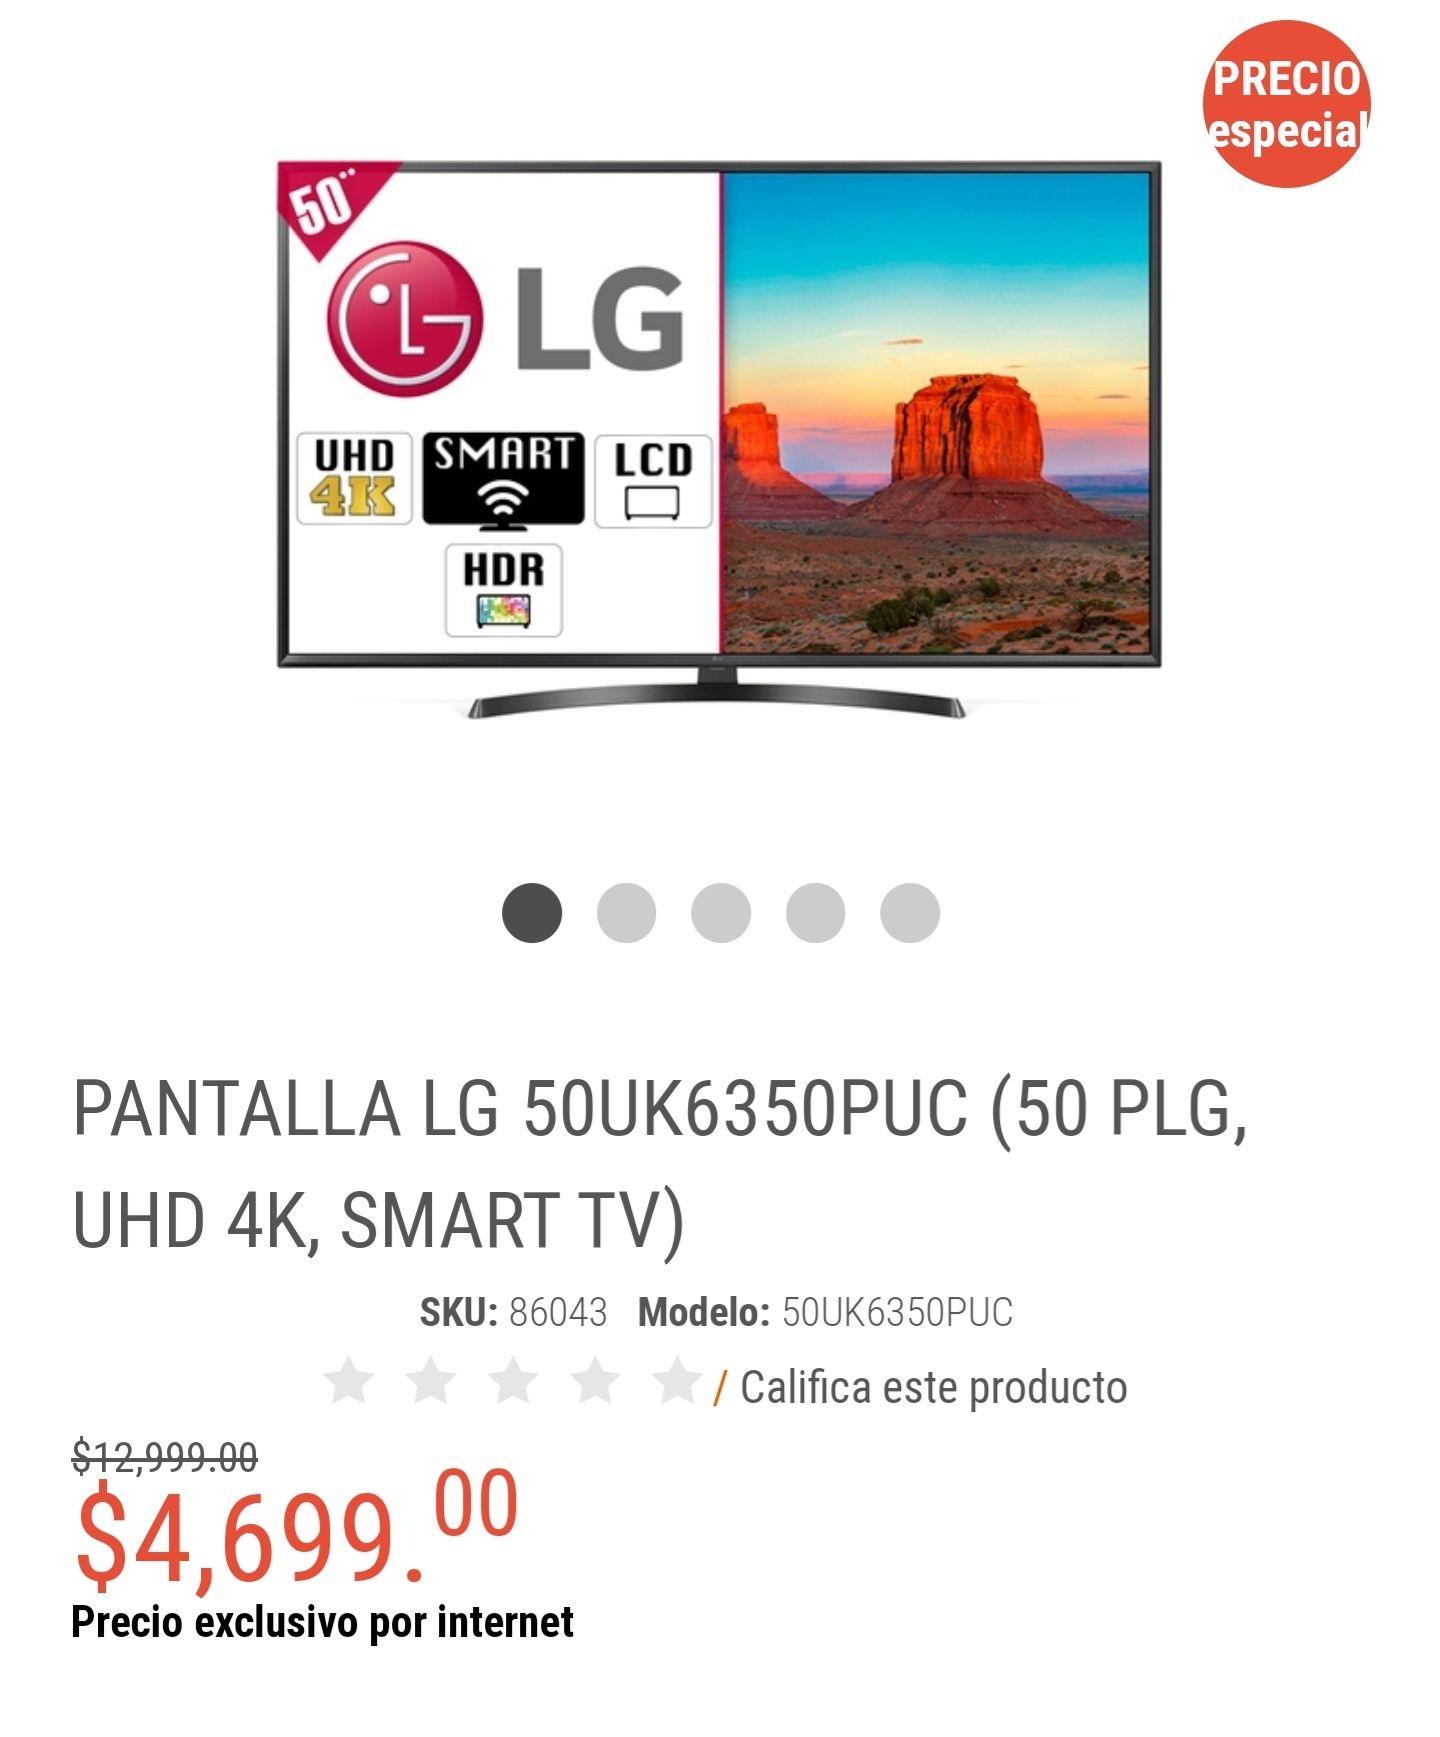 Radioshack: PANTALLA LG 50 PLG, UHD 4K, SMART TV